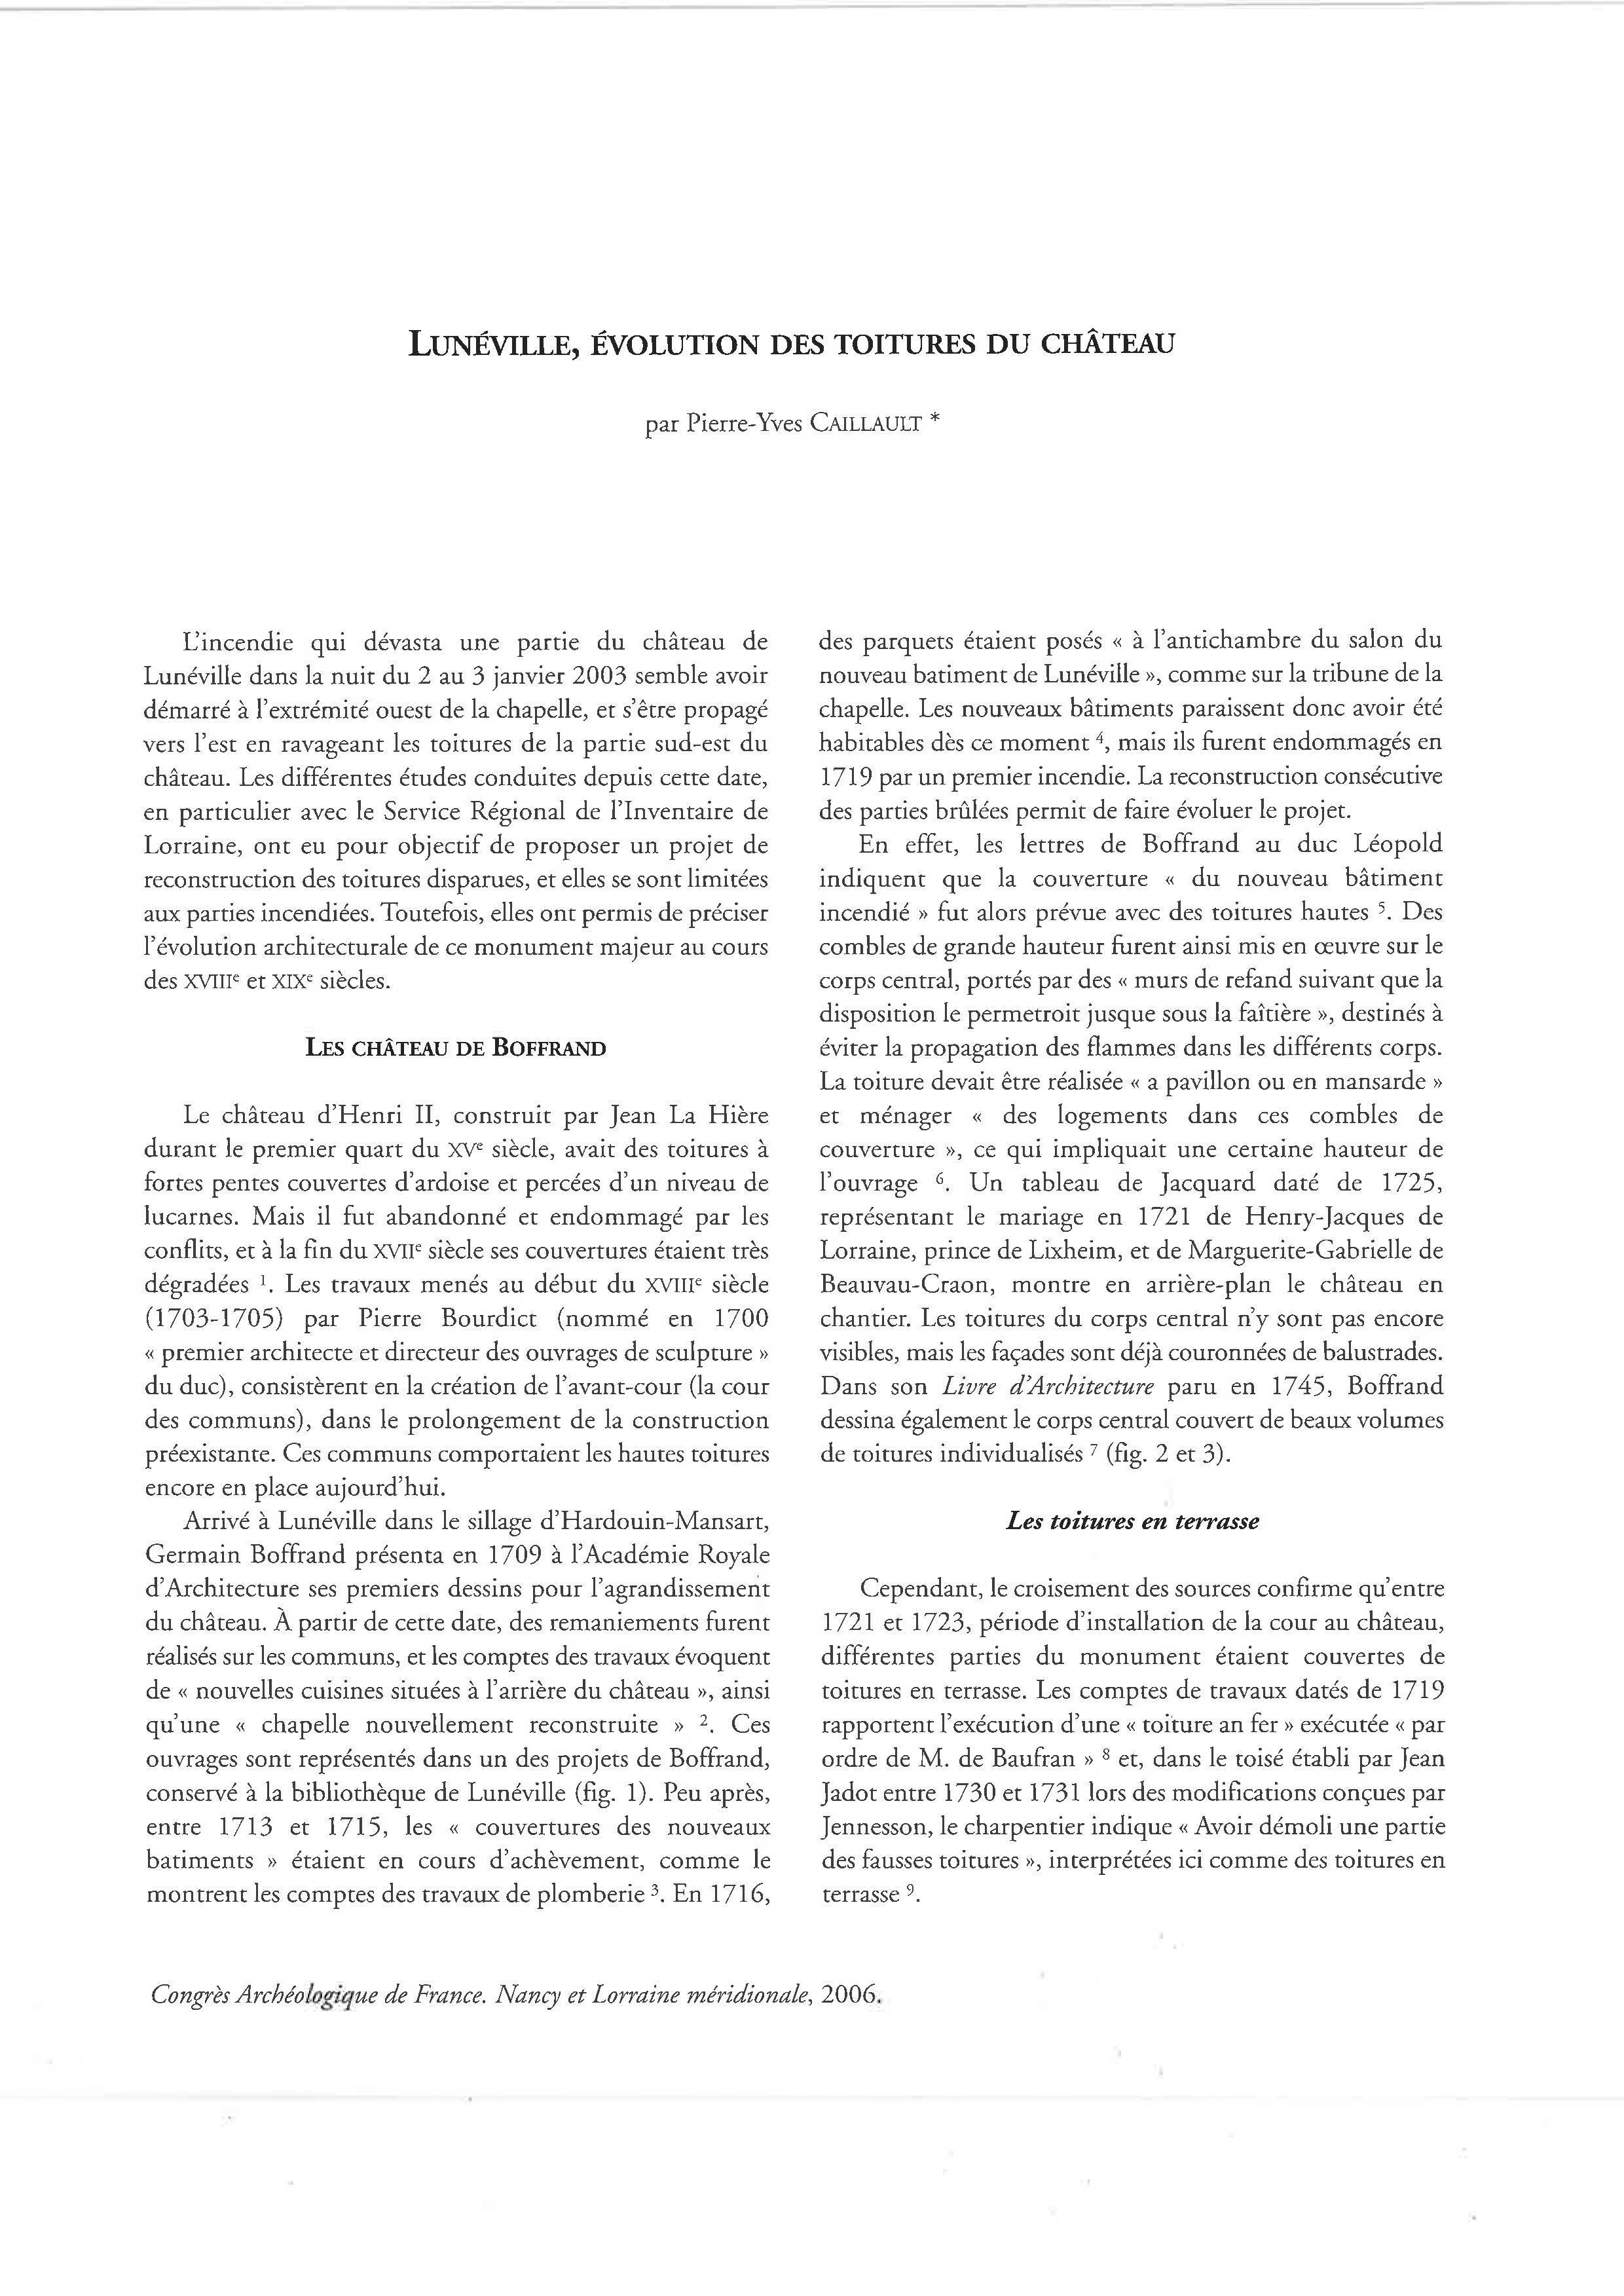 Congrès archéologique de France_SFA_164e session_2006_Lunéville, évolution des toitures du château_Page_1